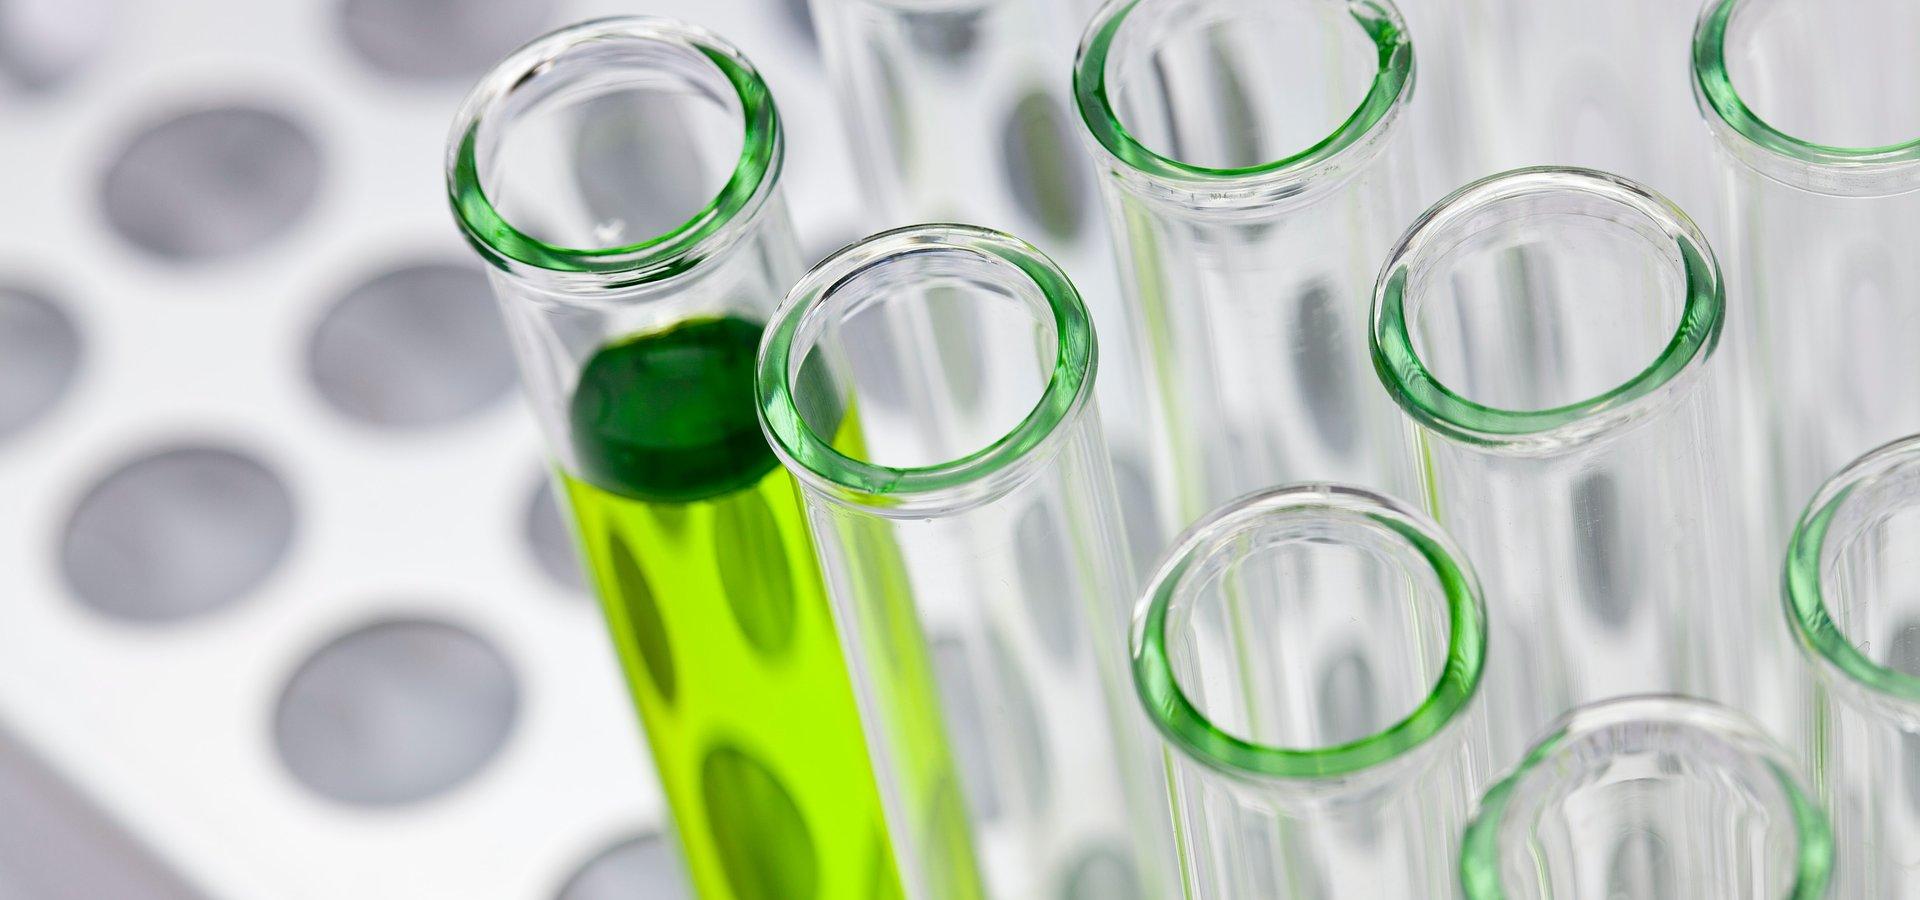 Biogen doa 10 milhões de dólares para o combate à Covid-19 em todo o mundo